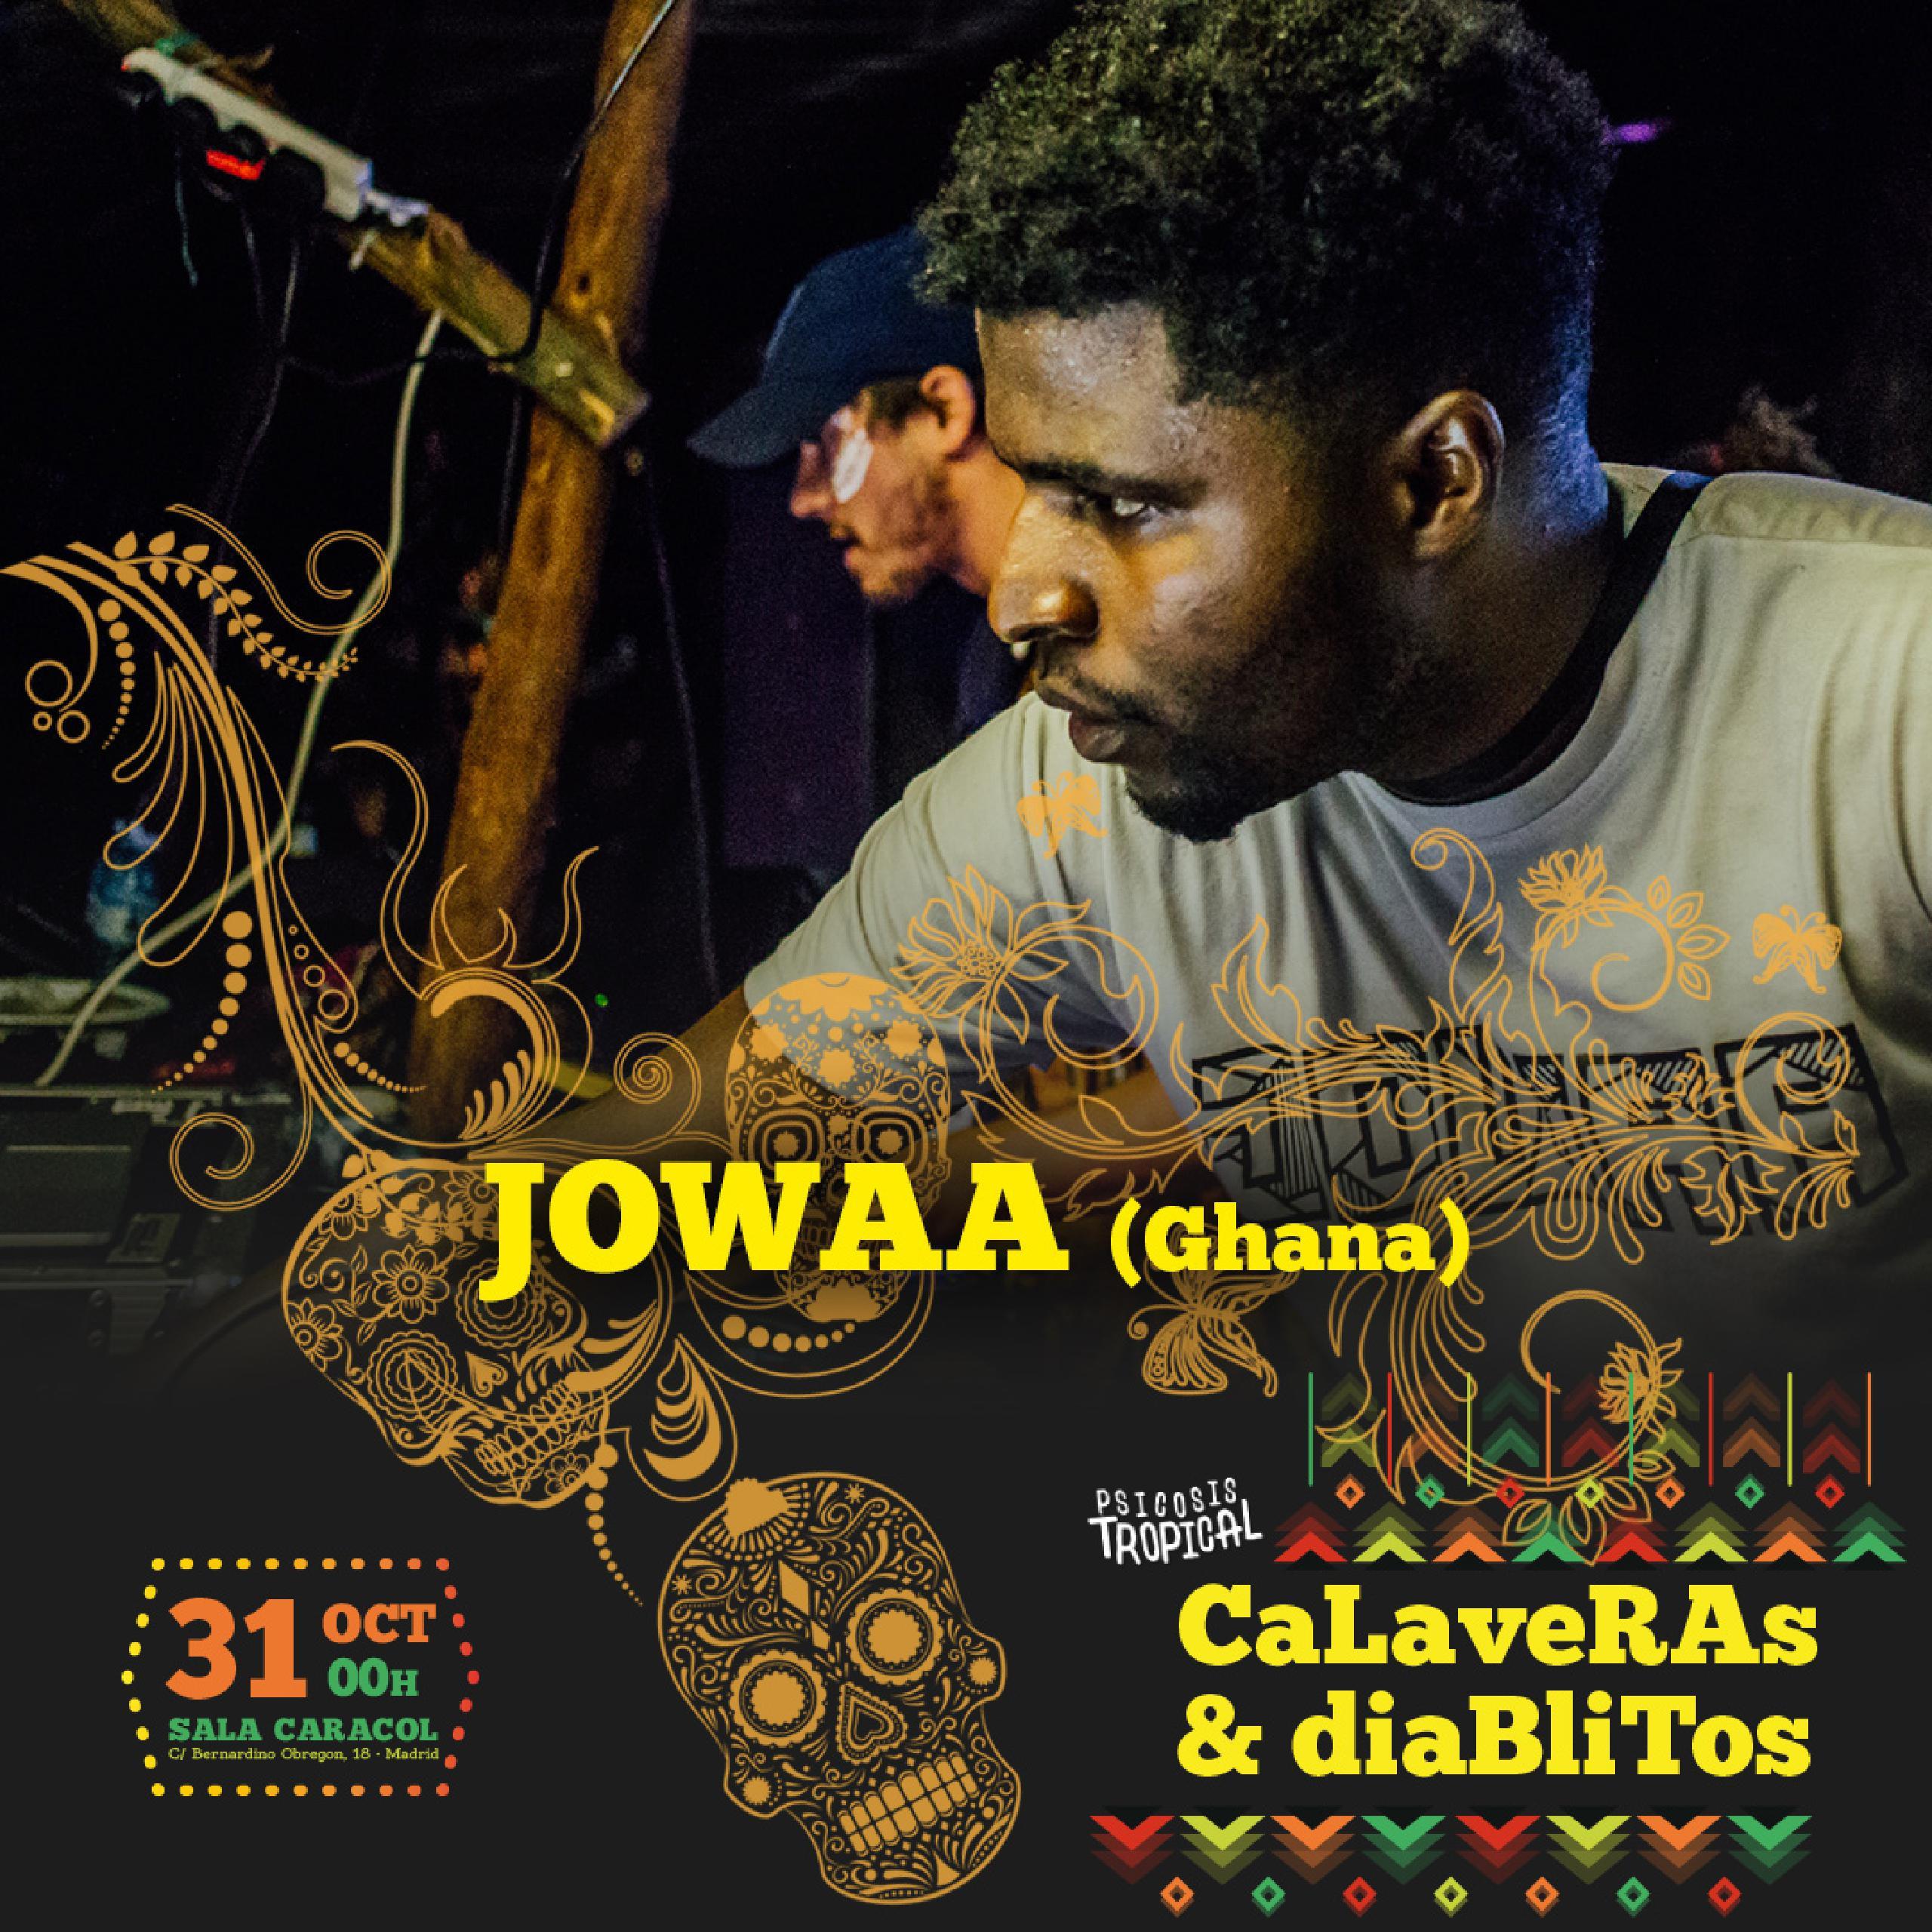 Desde Ghana y con sonidos de AfroBass y el baile como vehículo, su objetivo es tender puentes entre mundos, diversificar el sonido y conectar a las personas